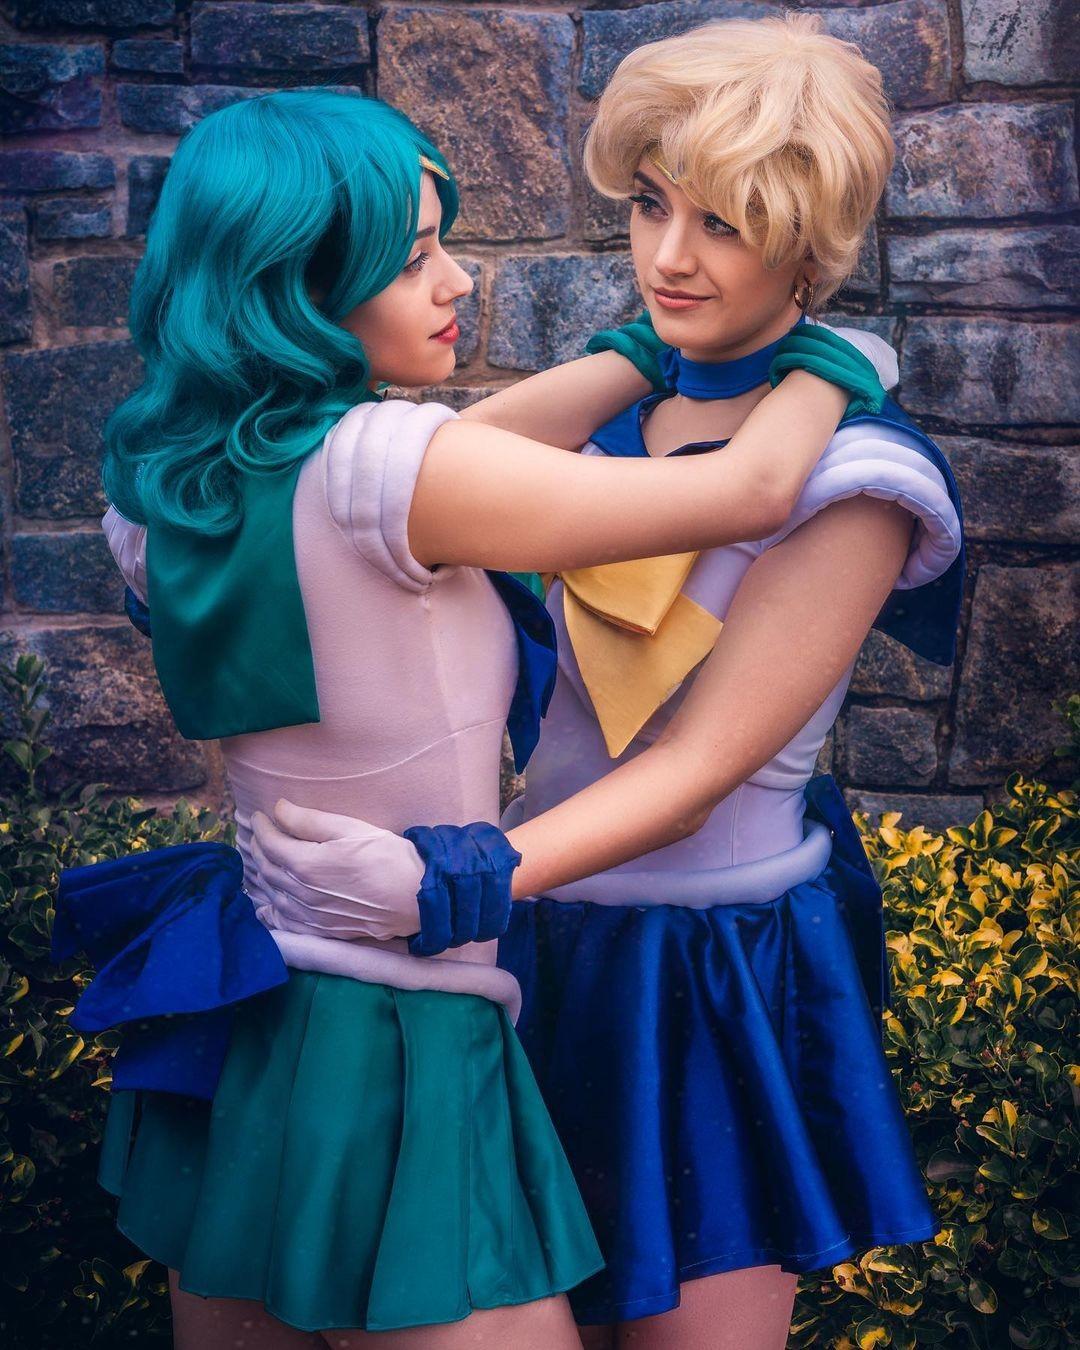 Sailor Moon: Cosplayers recrean una romántica escena entre Sailor Neptune y Sailor Uranus